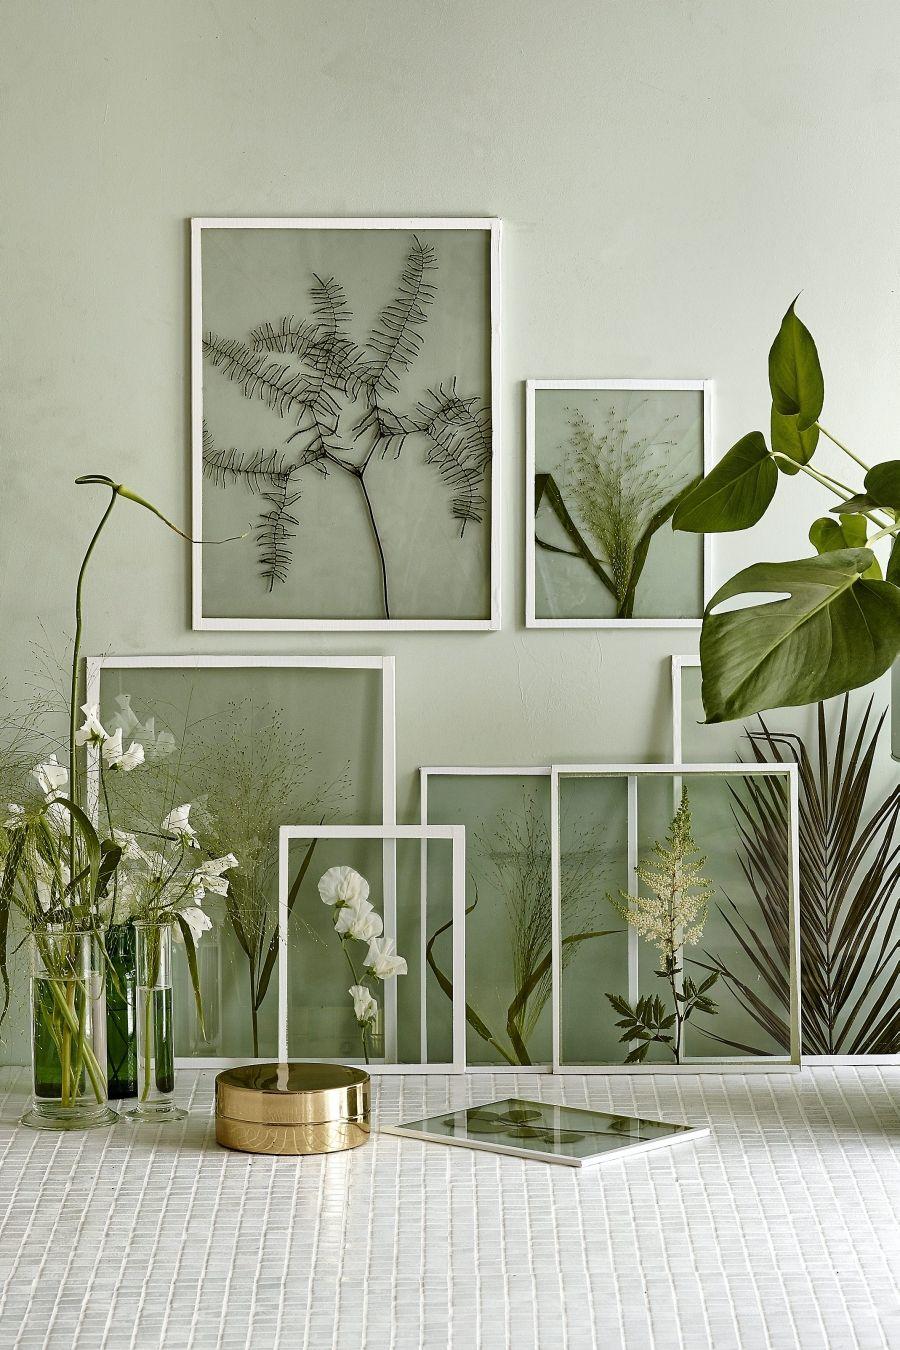 Grüne Wanddekoration für alle Pflanzenliebhaber und Gartenfreunde >> Framing dried plants and flowers in clear glass frames